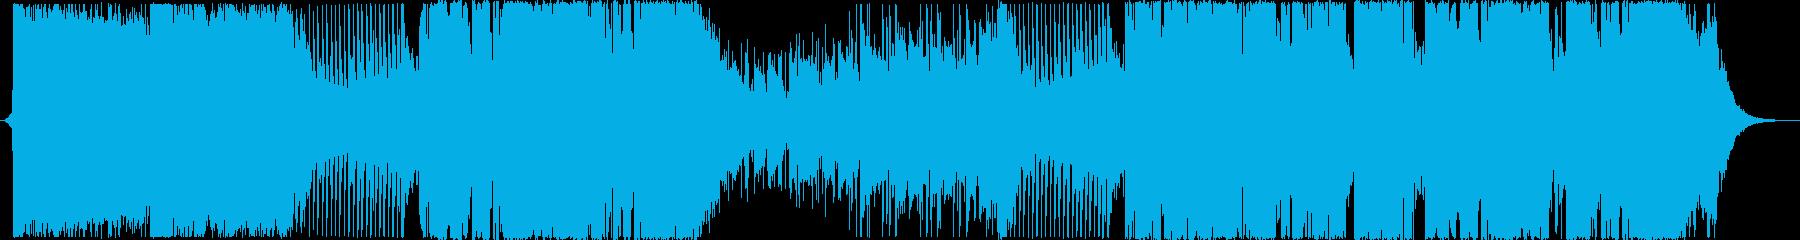 柔らかい始まりのメロディックダブステップの再生済みの波形